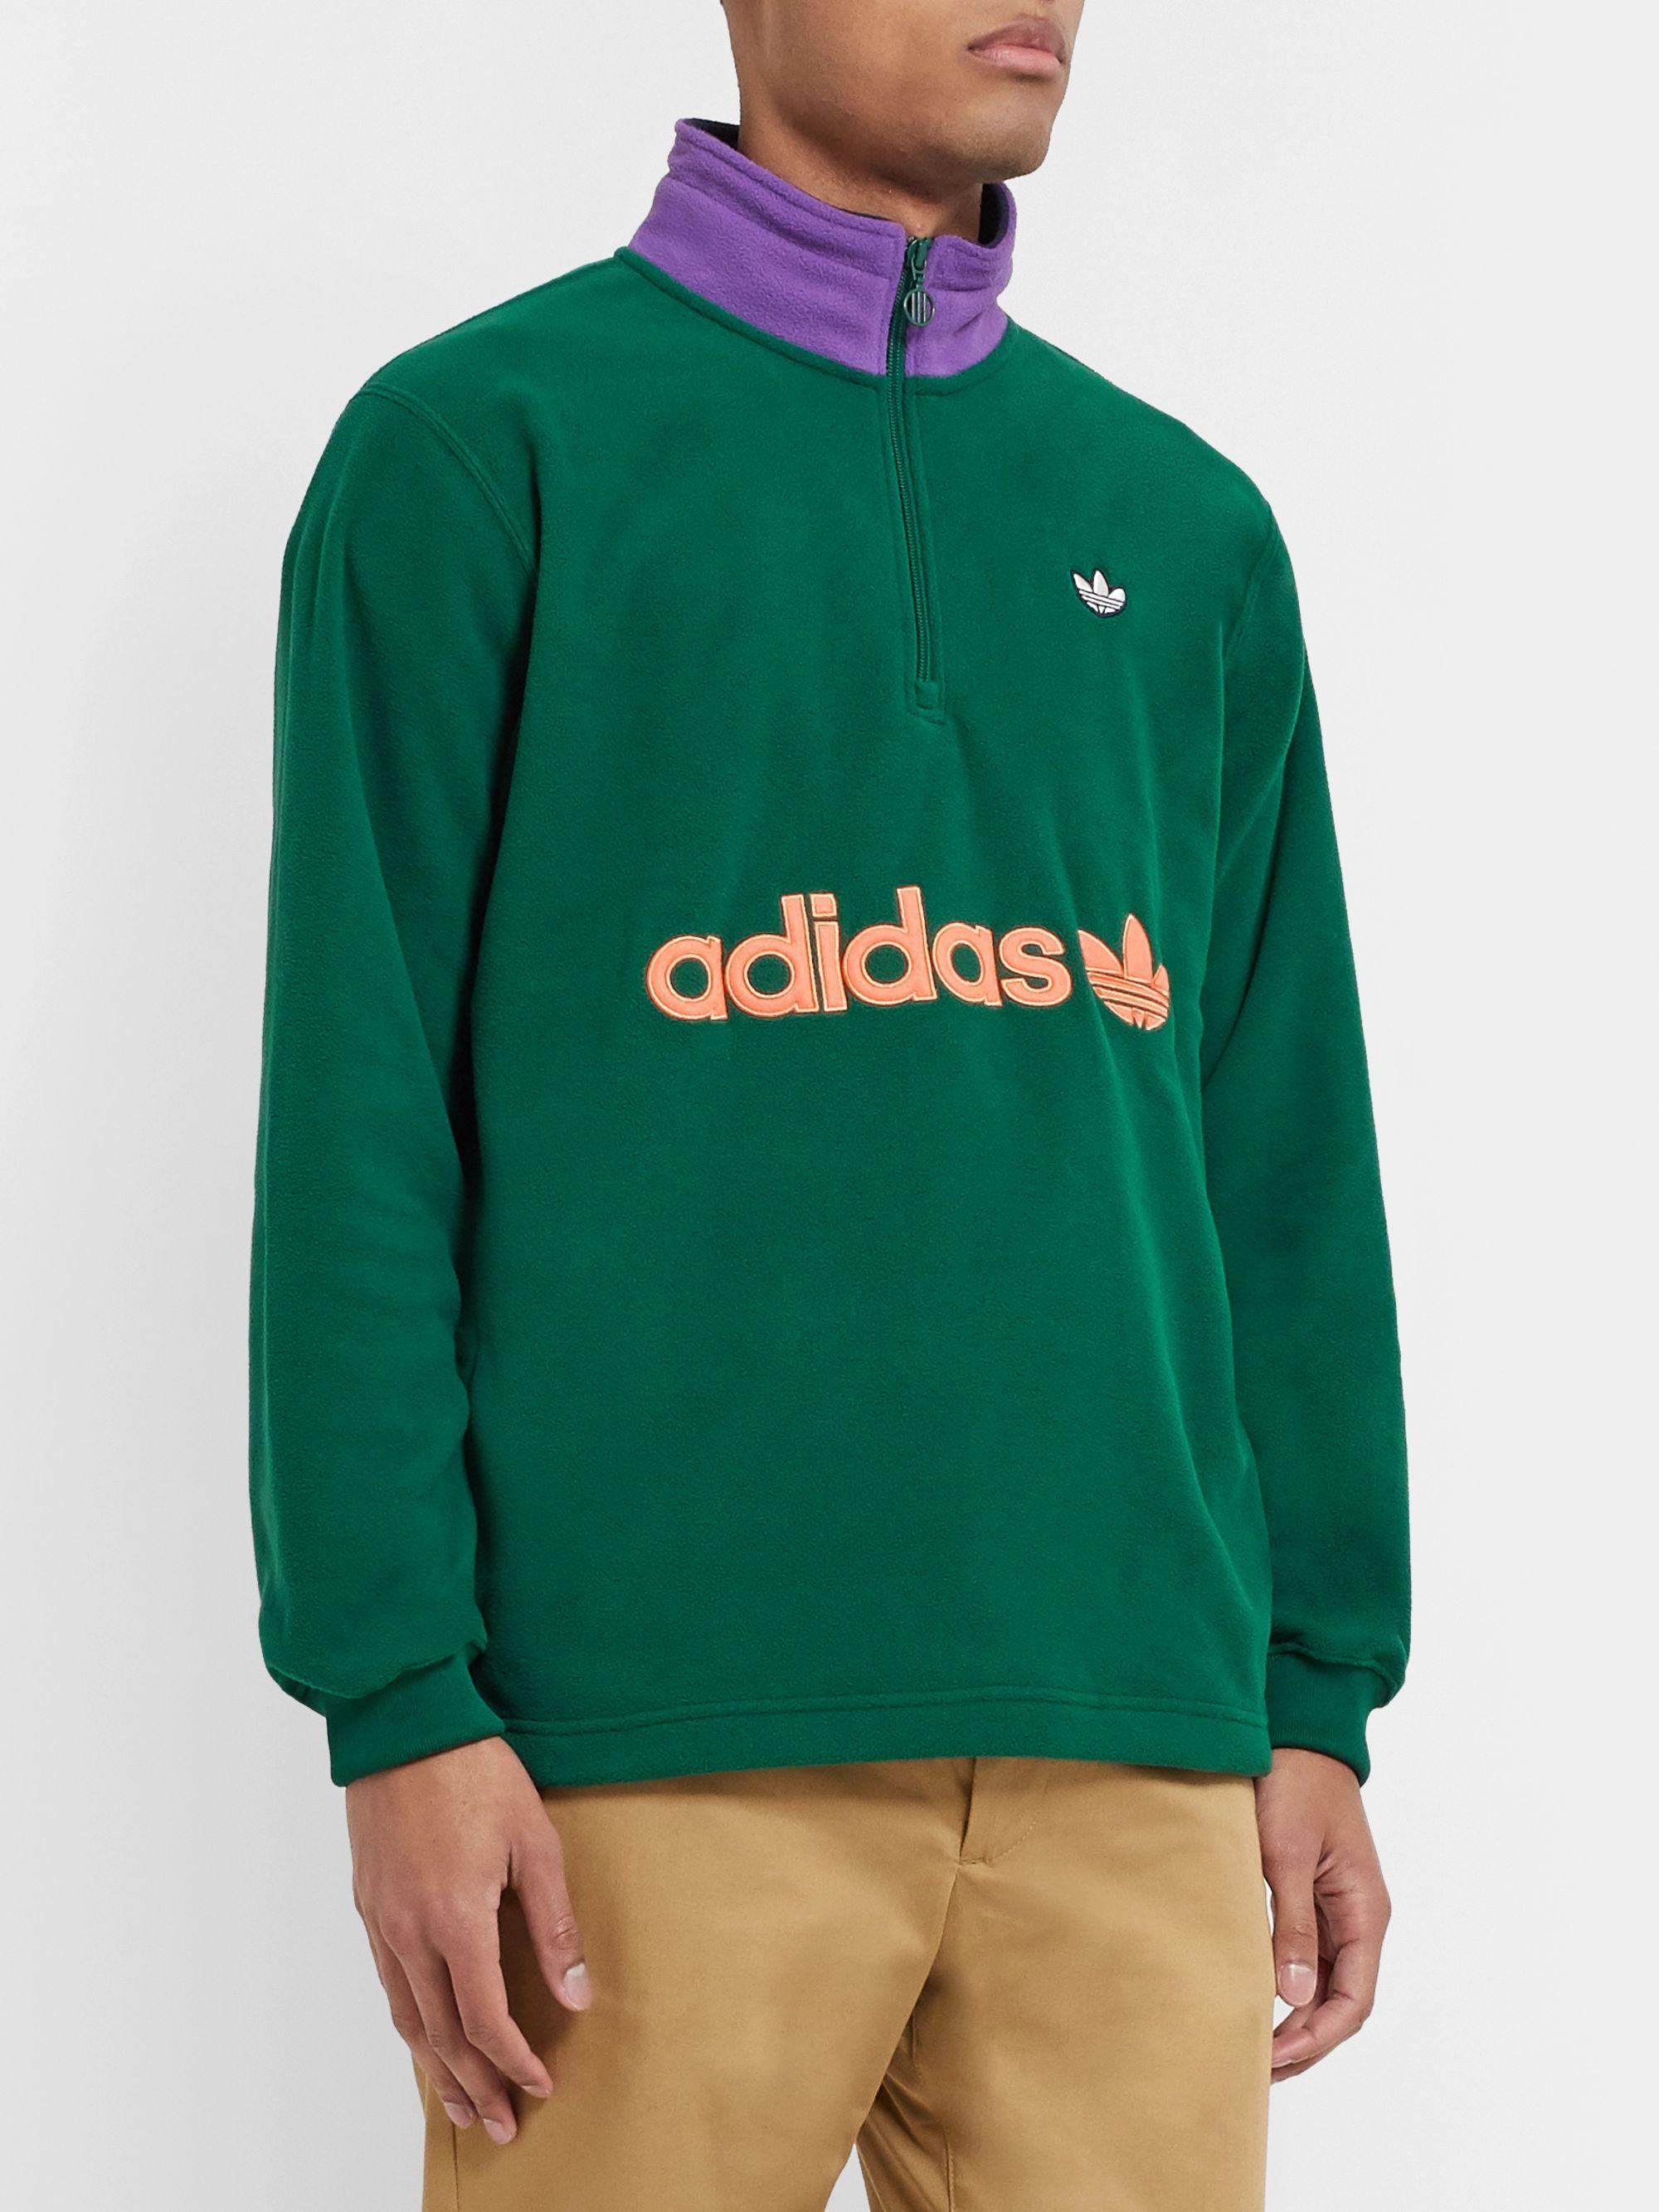 adidas Originals Half Zip Fleece | Size?